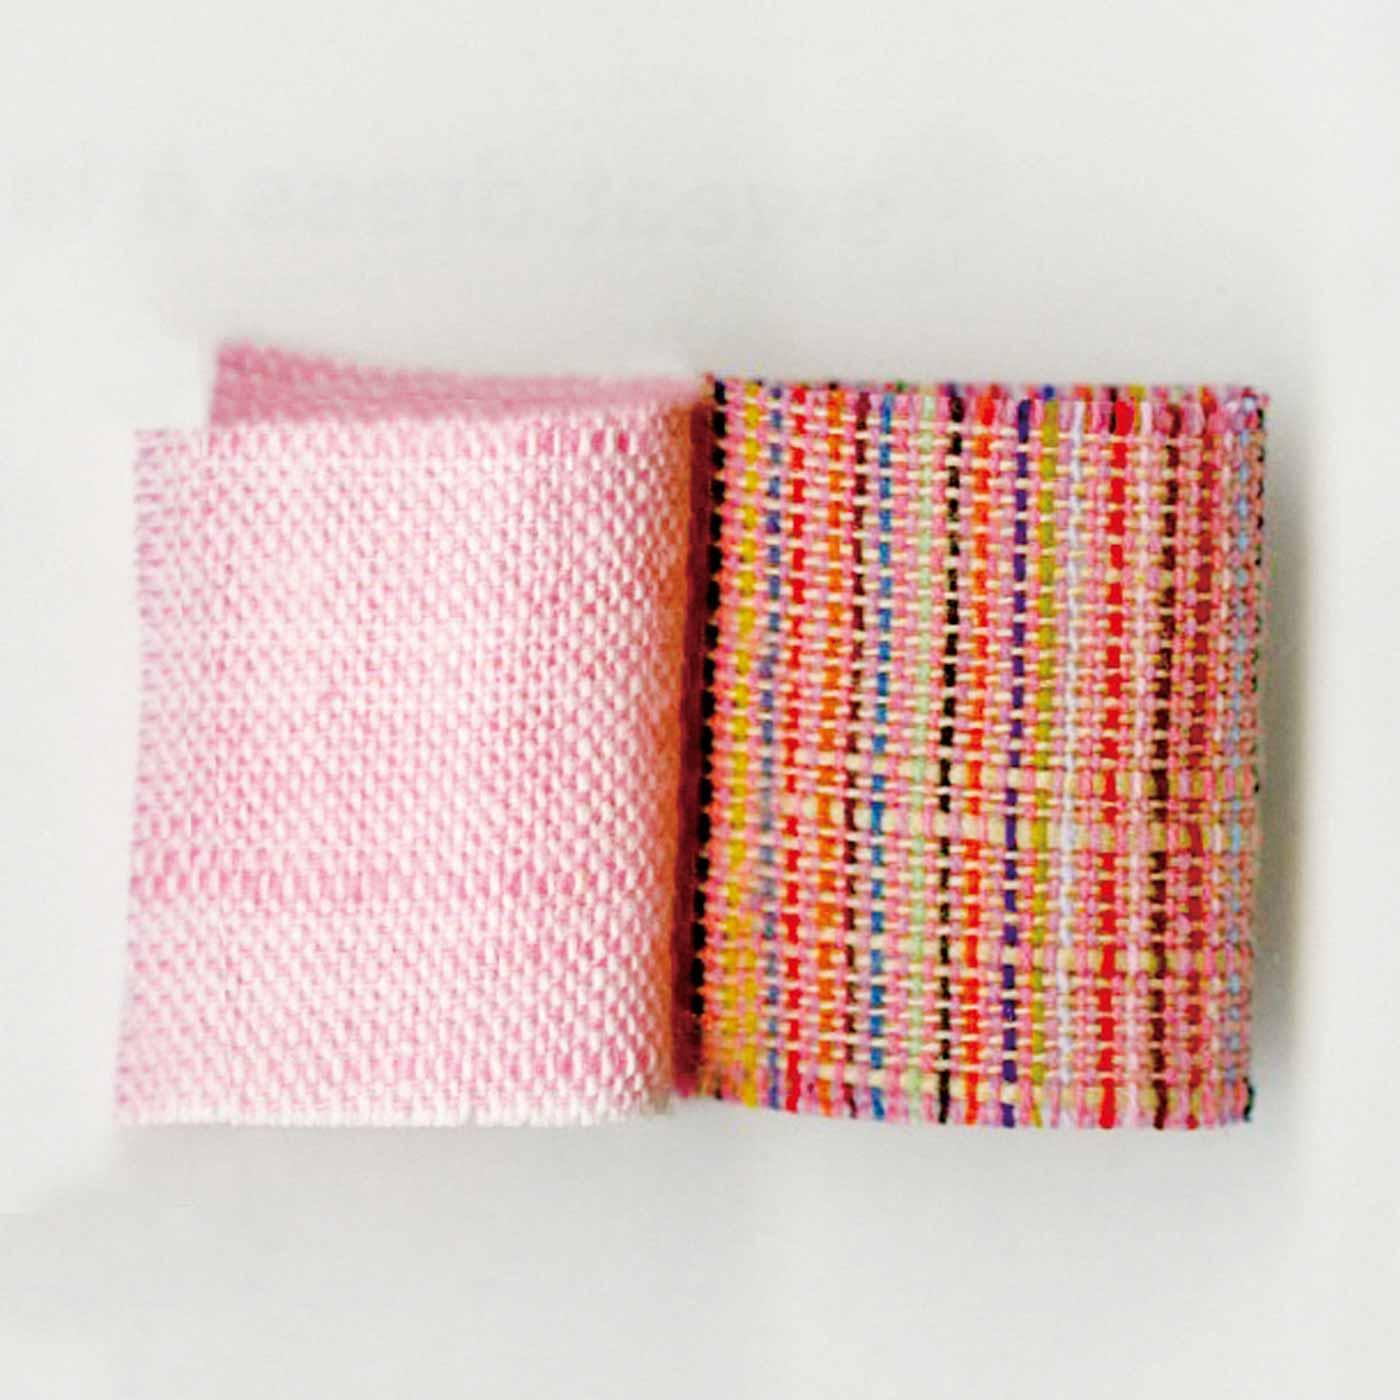 会津木綿 会津地方で400年以上も愛されてきた会津木綿。素朴な風合いの美しい縞柄が特長です。